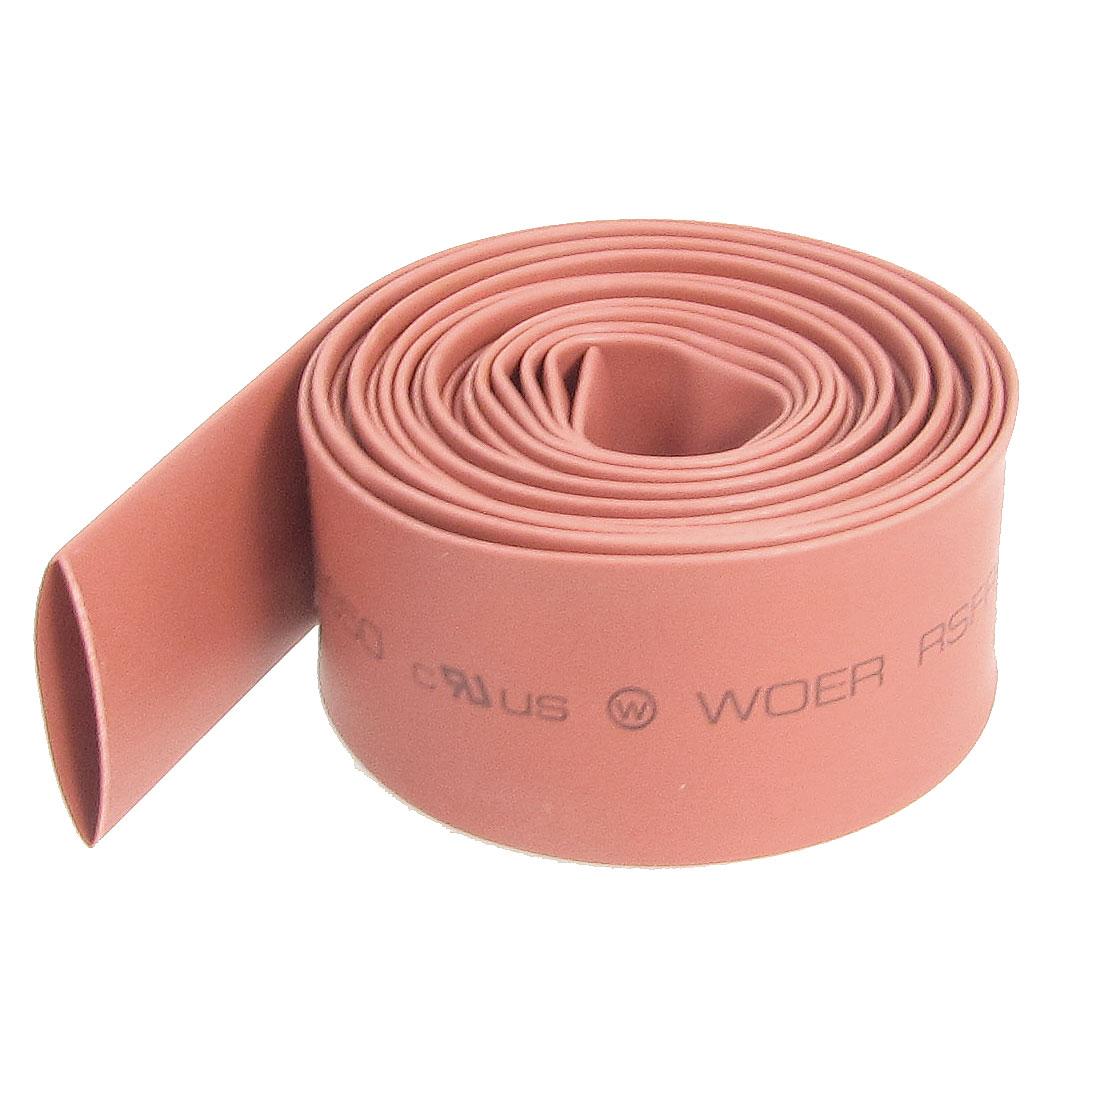 14mm Diameter Red Polyolefin Heat Shrinking Shrinkable Tube 2M